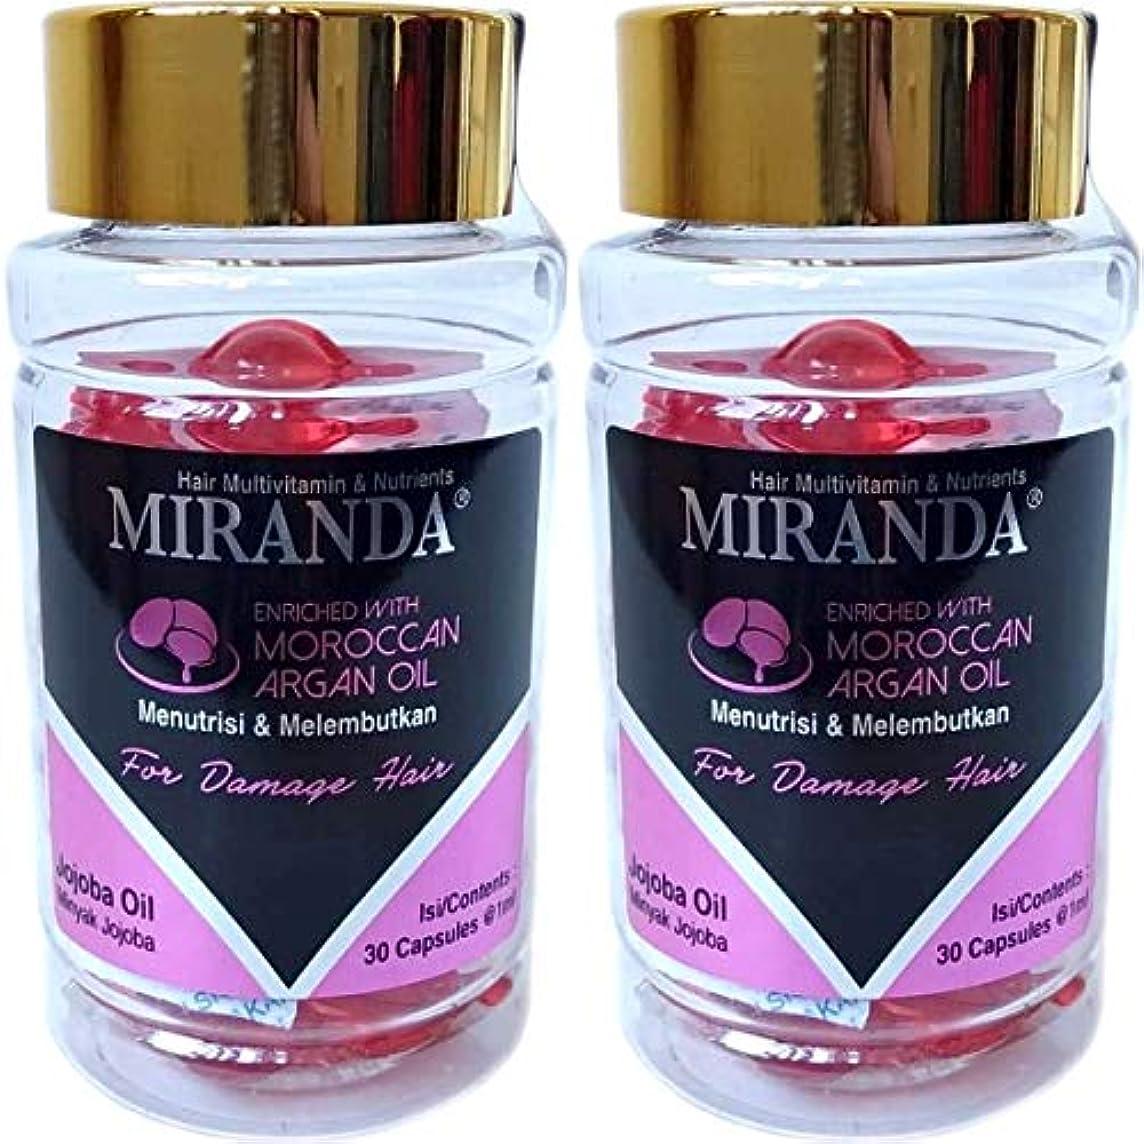 時間厳守ペイント意図的MIRANDA ミランダ Hair Multivitamin&Nutrients ヘアマルチビタミン ニュートリエンツ 洗い流さないヘアトリートメント 30粒入ボトル×2個セット Jojoba oil ホホバオイル [海外直送品]